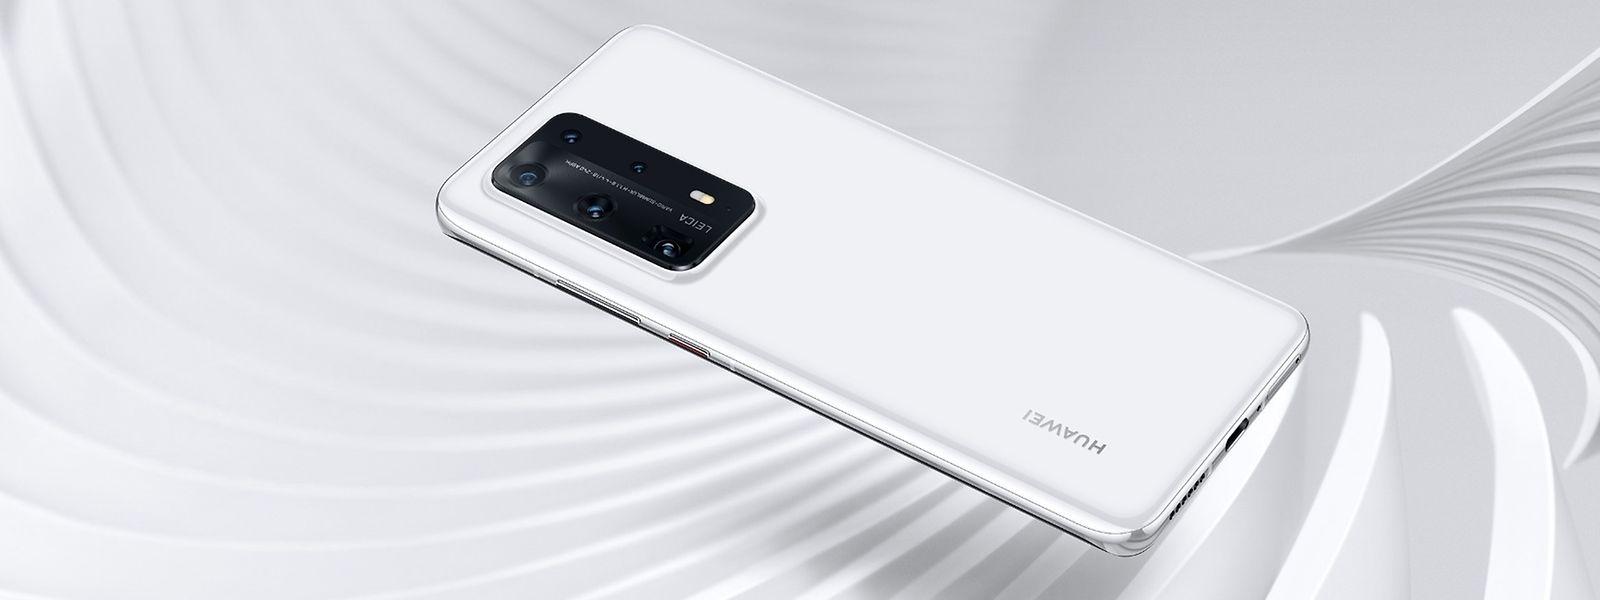 """Das """"P40 Pro"""" von Huawei - ein multifunktionales Smartphone. Der Preis beträgt laut Hersteller 999 Euro."""